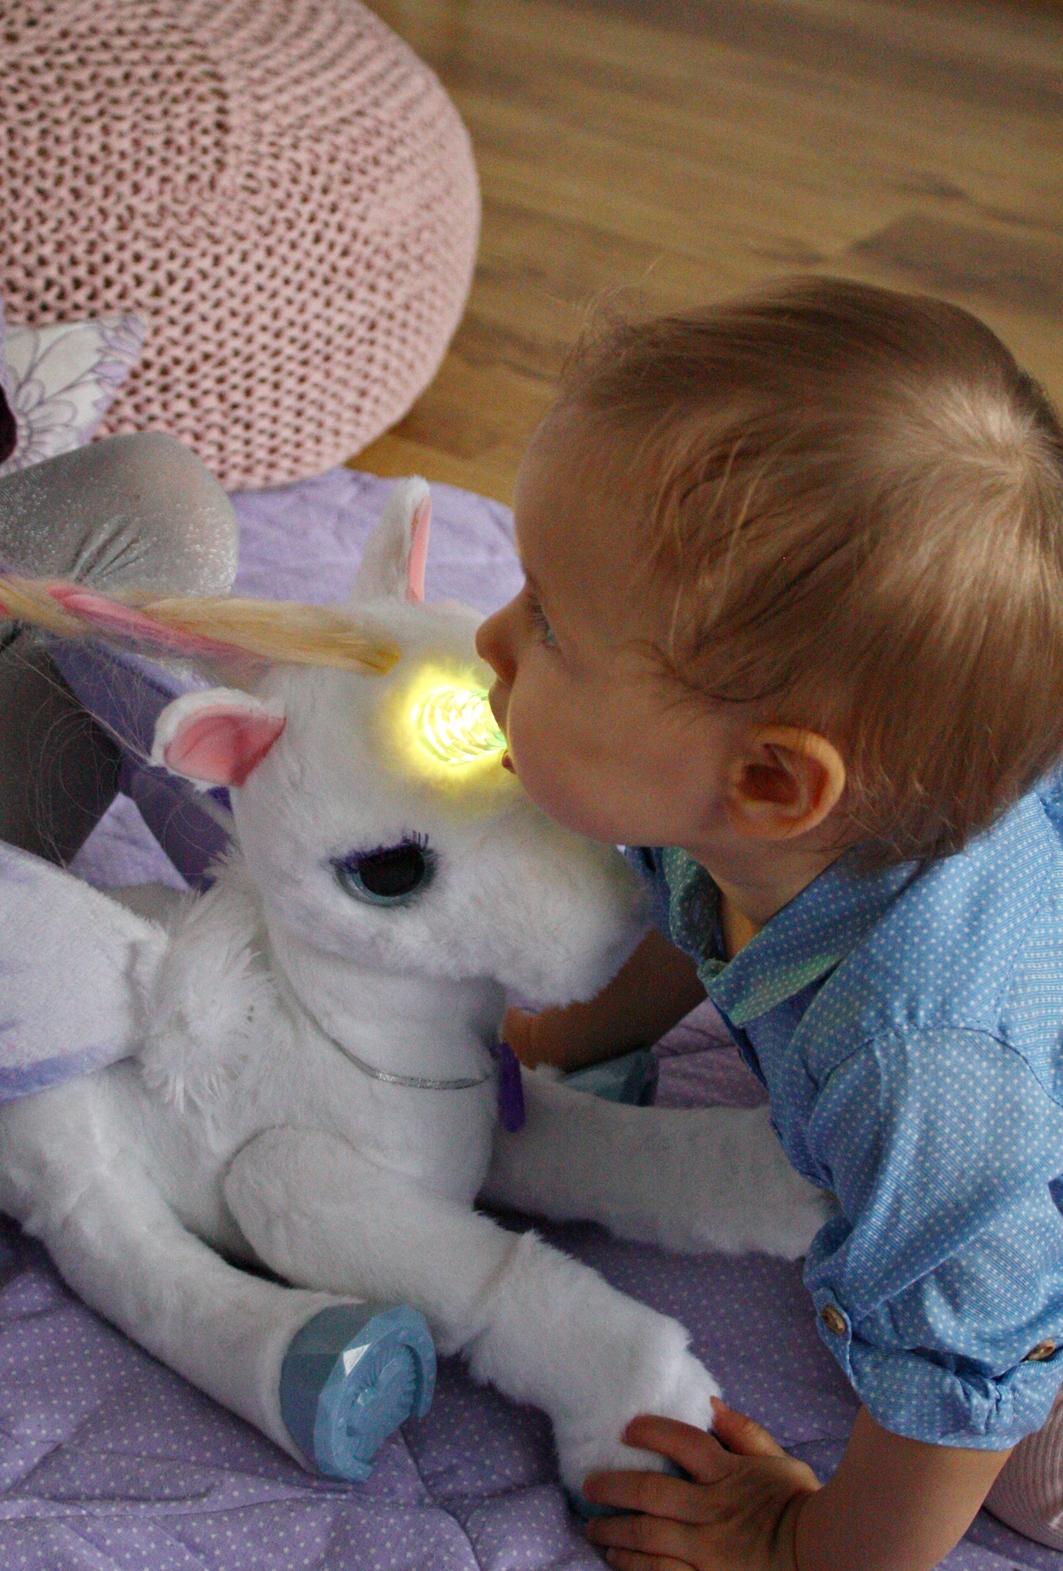 2a52f6db1e kiedy dziecko chce psa...daj mu jednorożca! (konkurs) - mrspolkadot